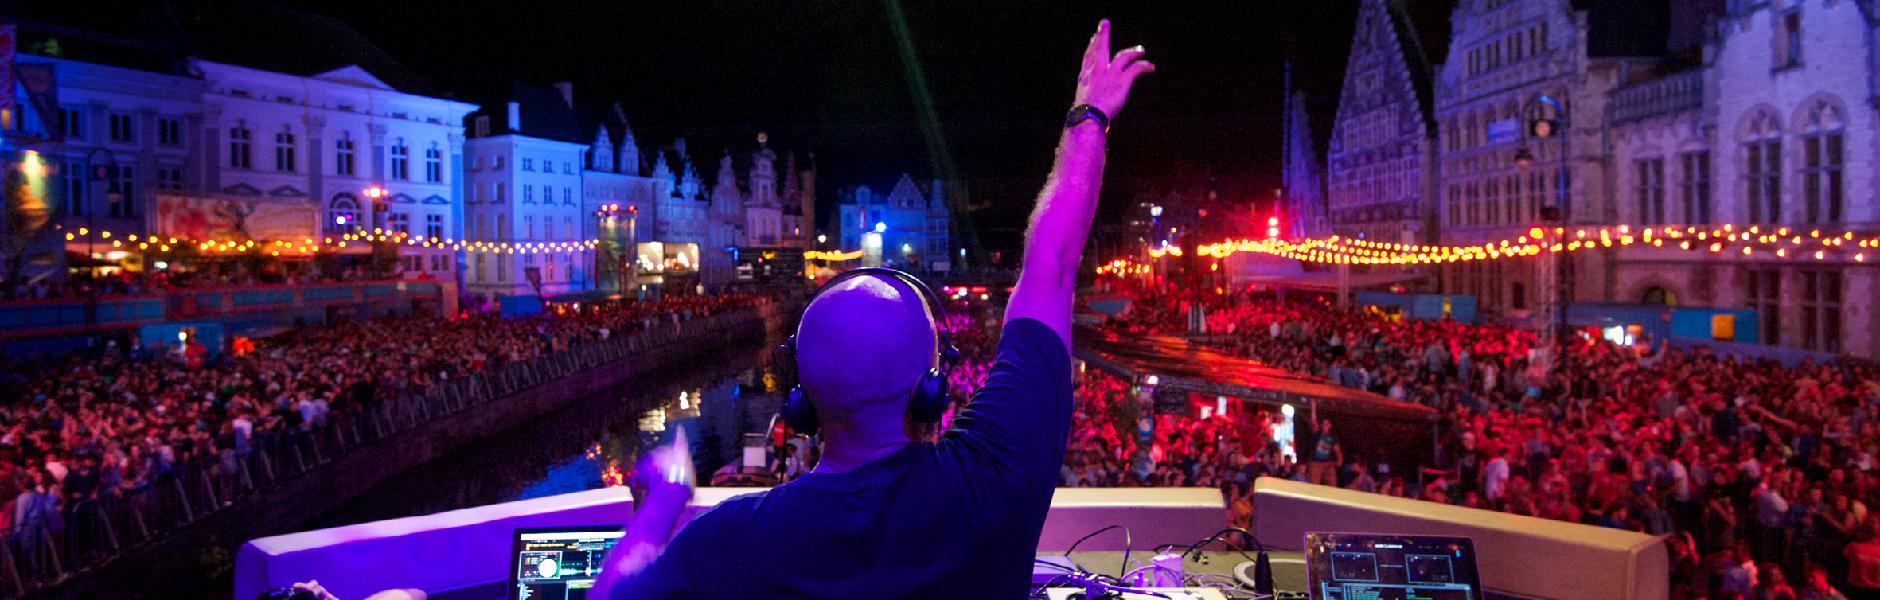 DJ Winning